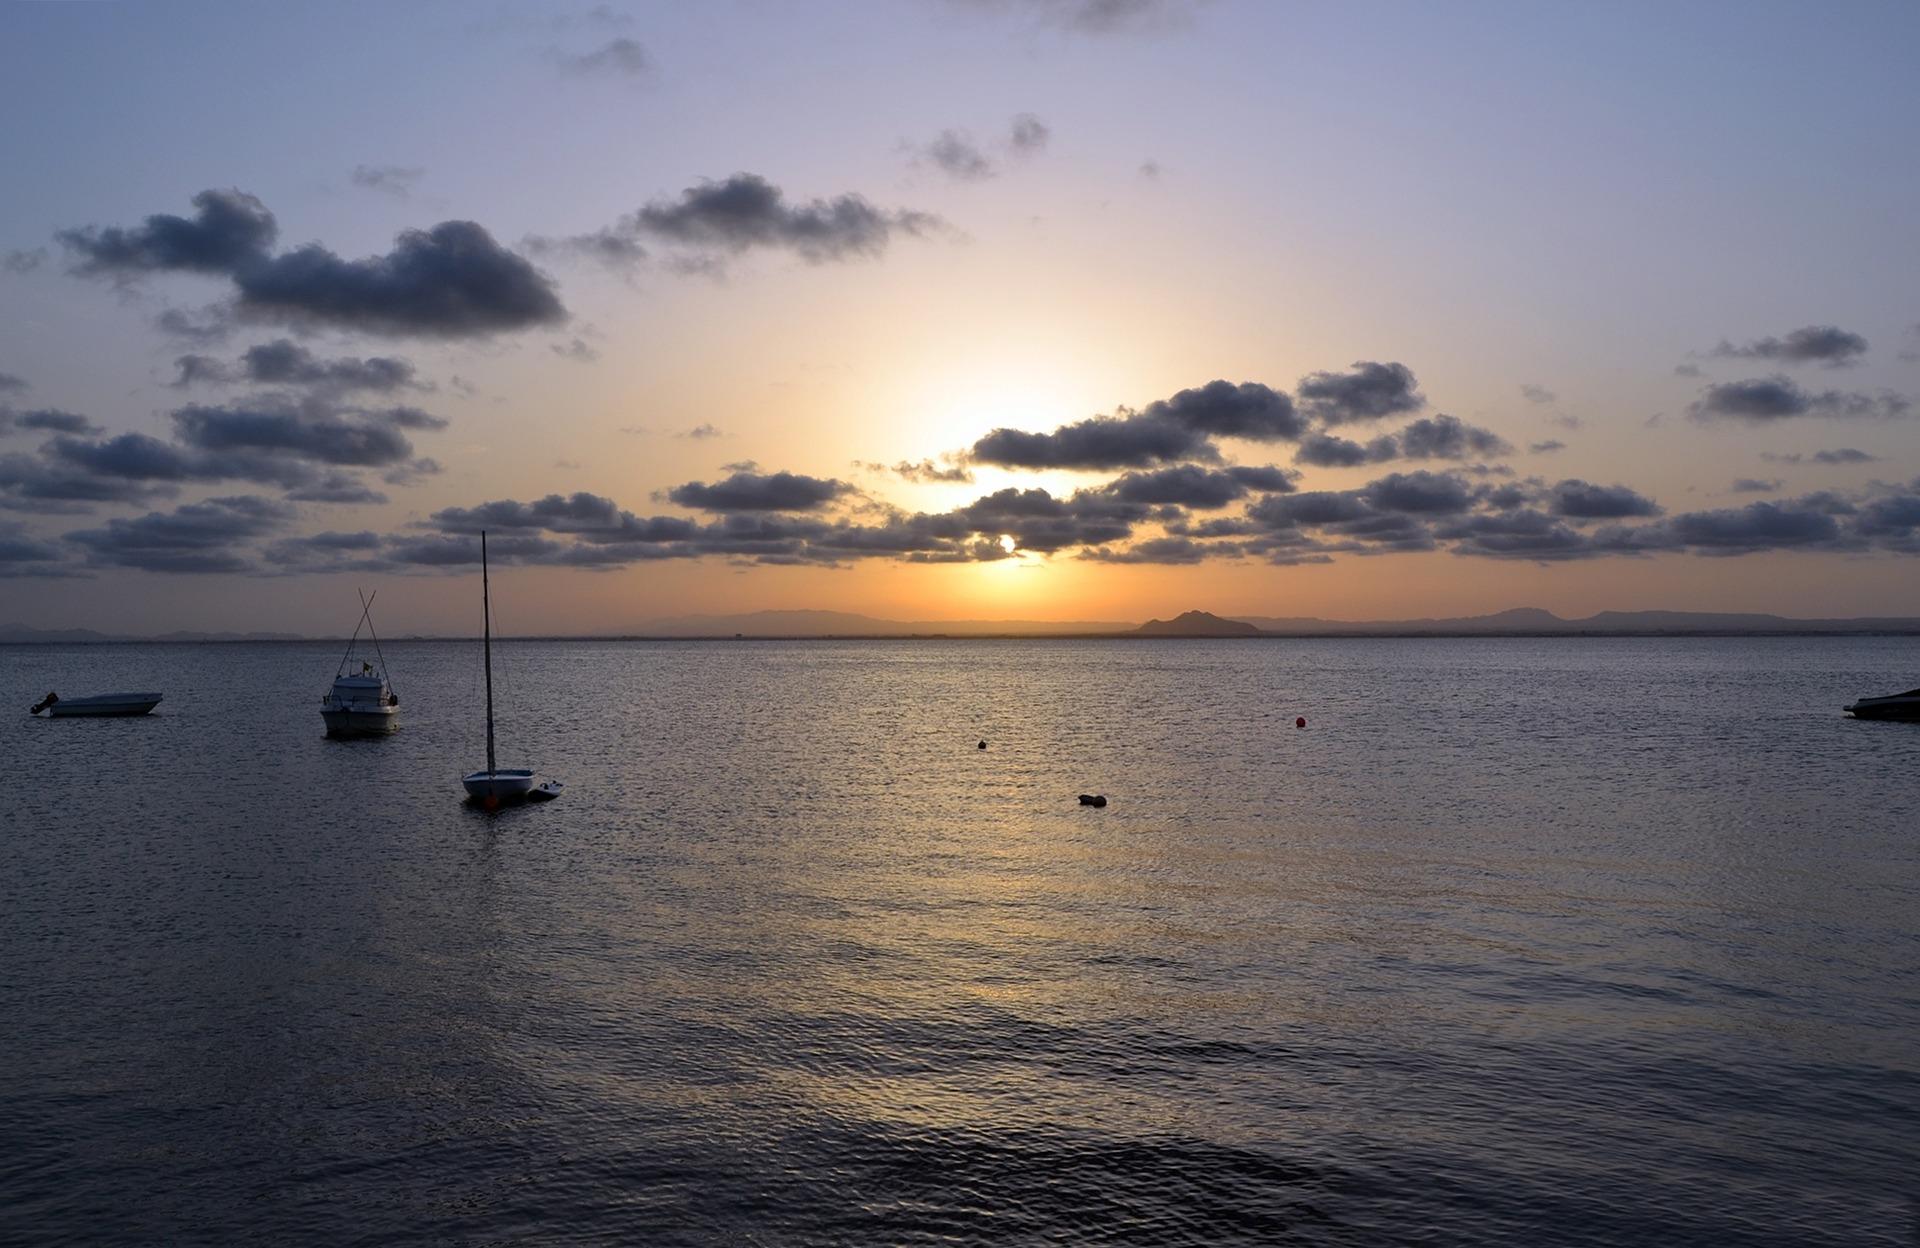 El Mar Menor, un ecosistema costero en peligro. Imagen: Julio Hernández